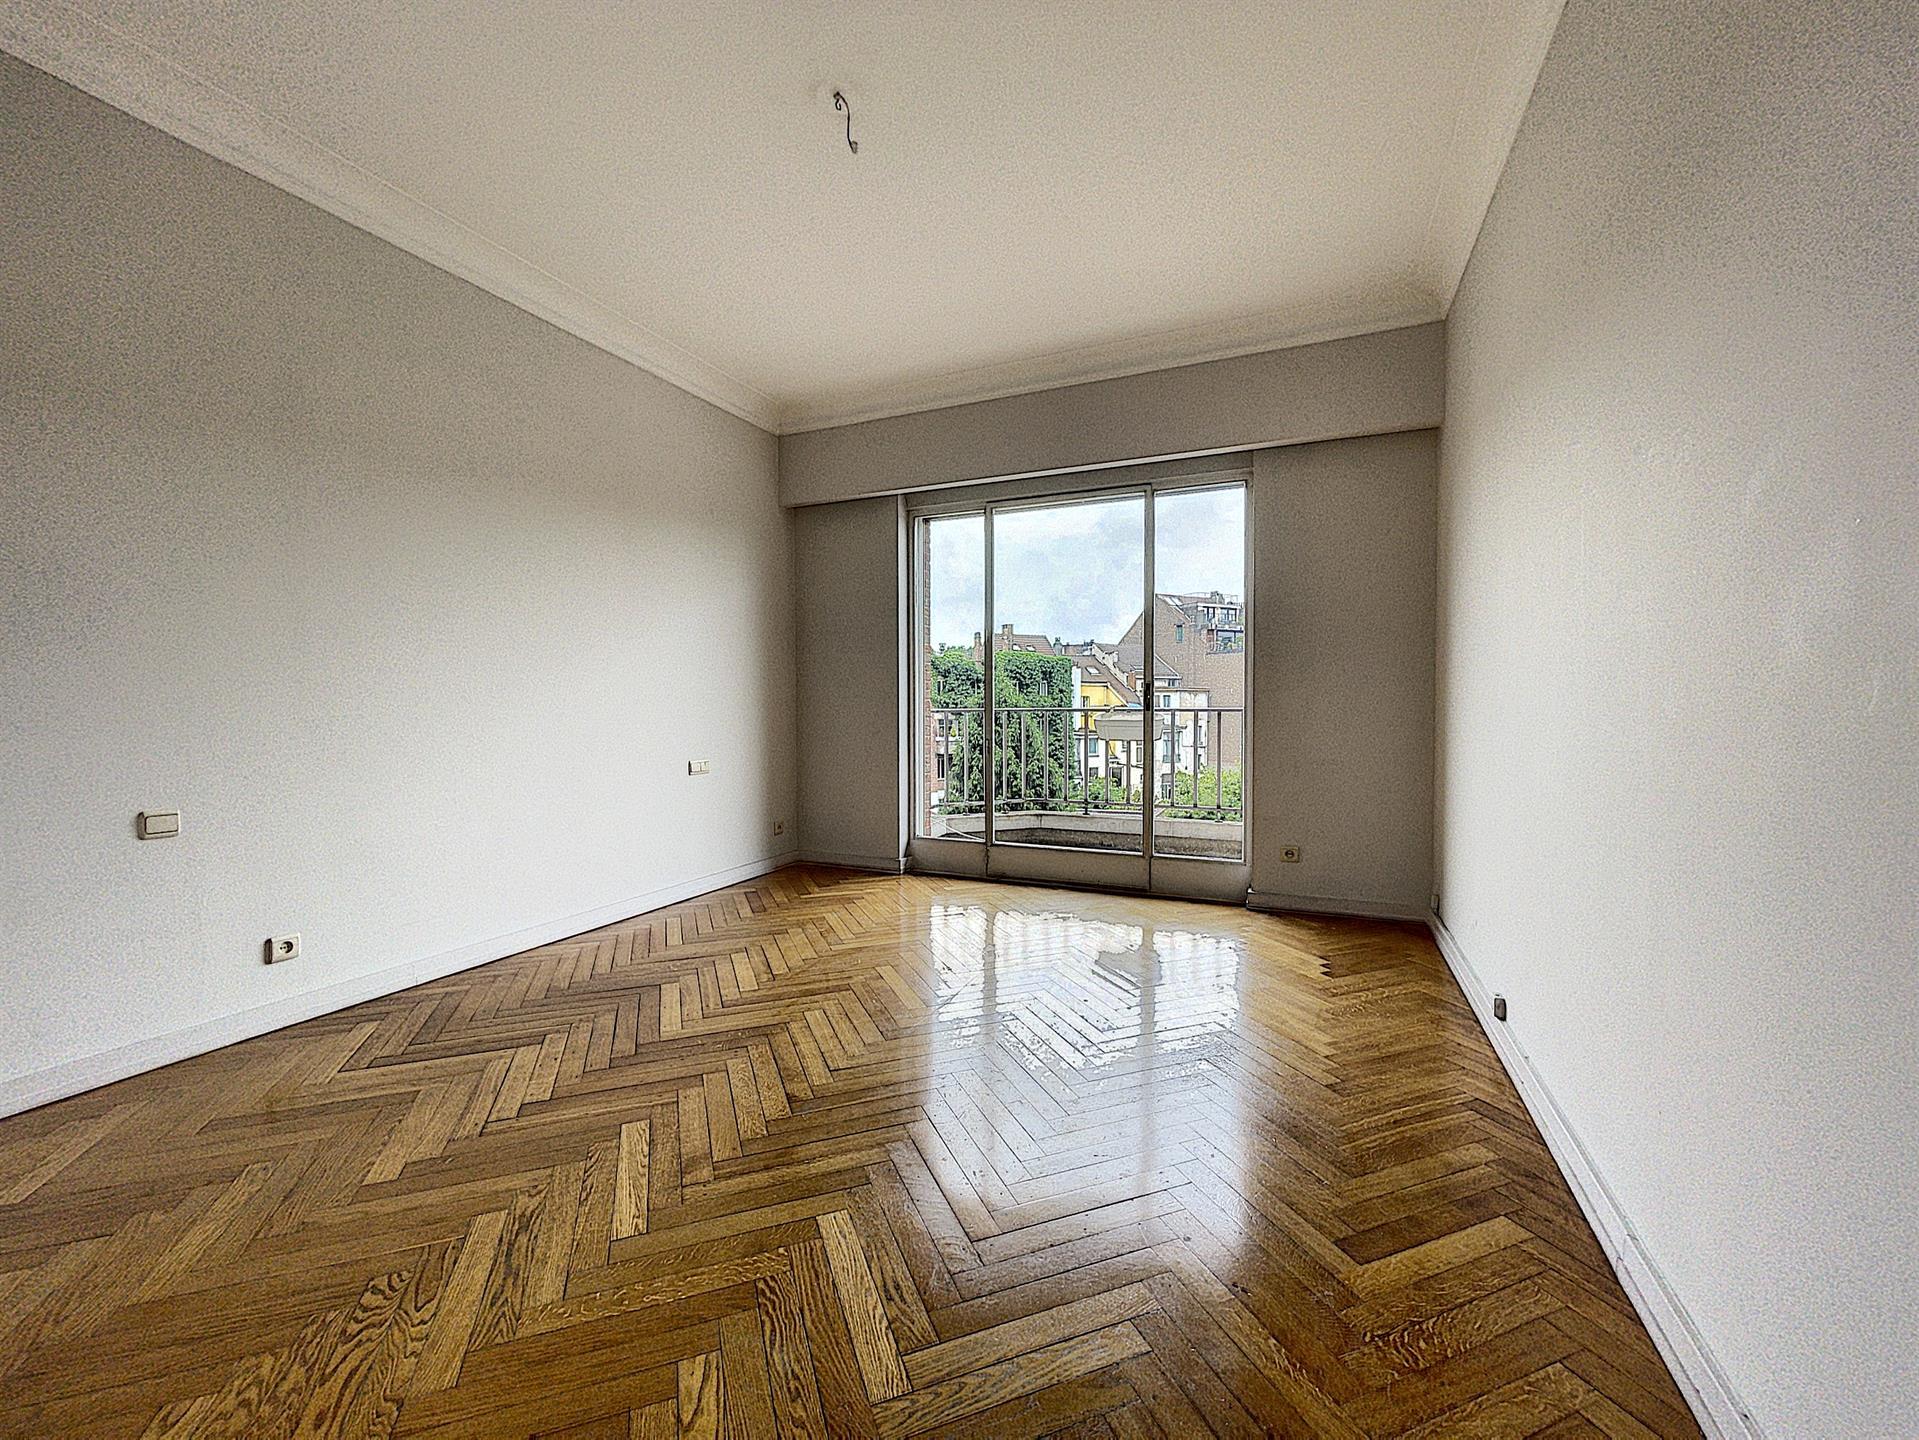 Appartement exceptionnel - Bruxelles/Ixelles - #4380182-11